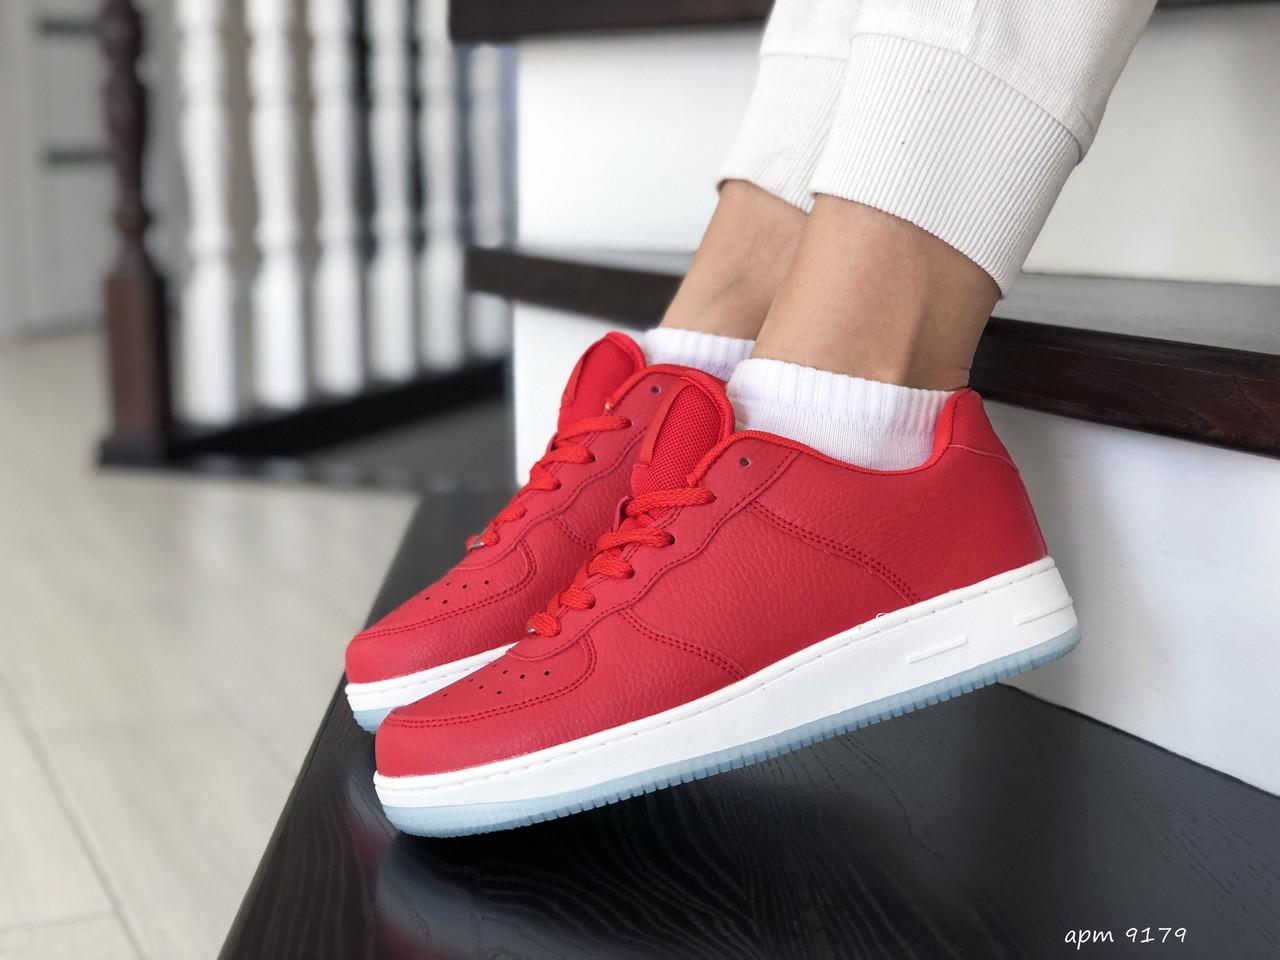 Жіночі шкіряні кросівки Force (червоні) 9179